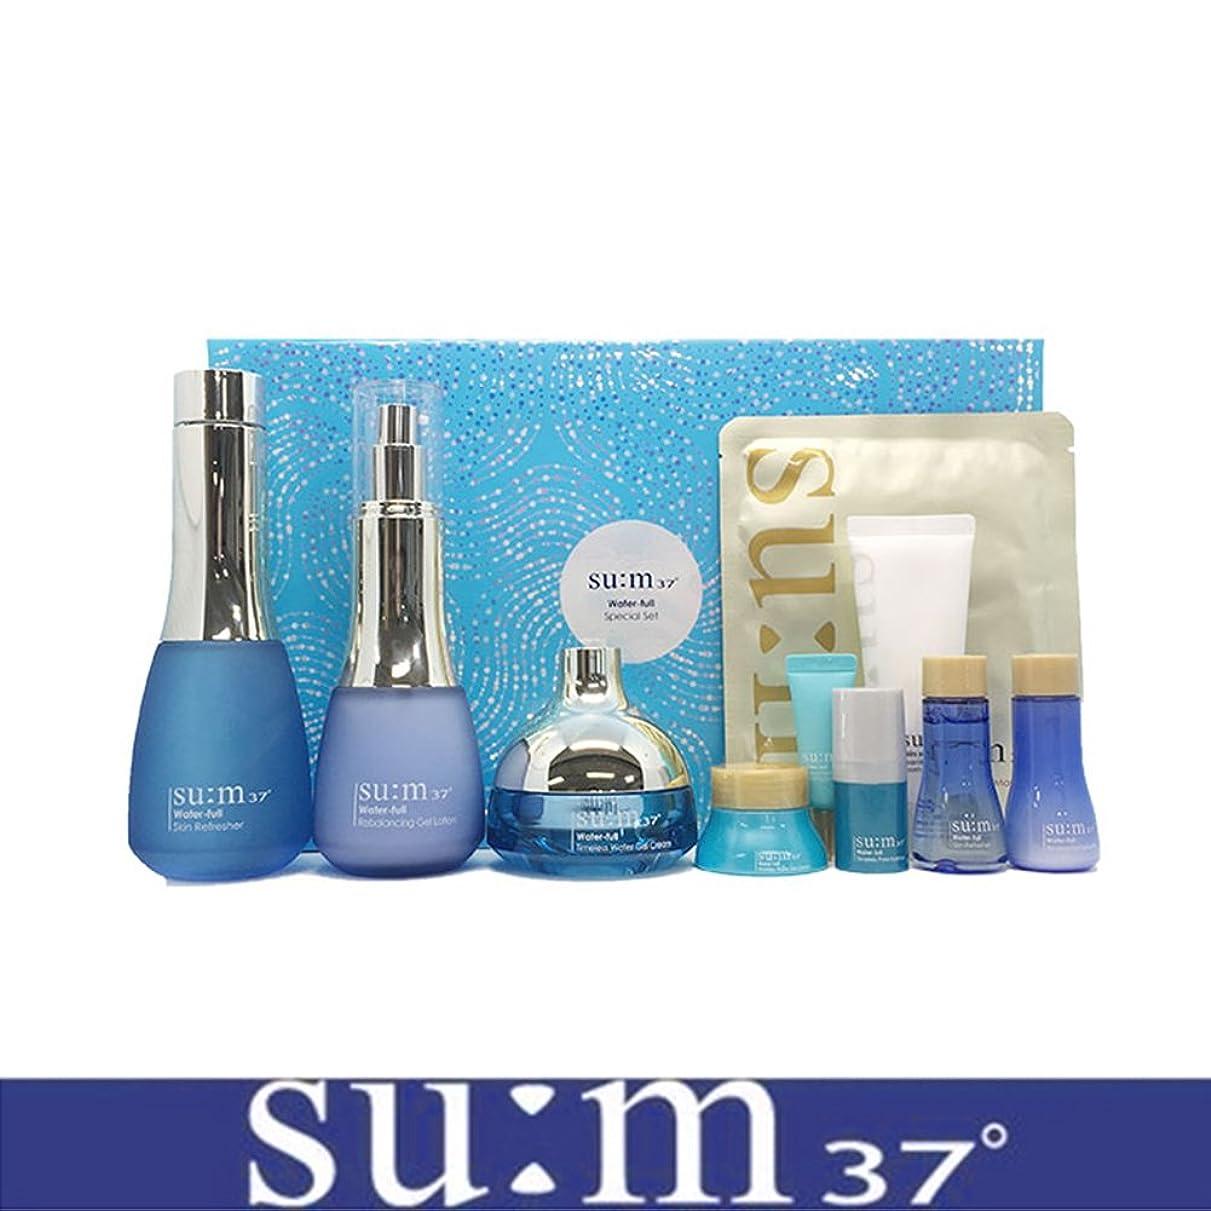 現金出費滑る[su:m37/スム37°] SUM37 Water full 3pcs Special Skincare Set/sum37 スム37 ウォーターフル 3種企画セット+[Sample Gift](海外直送品)